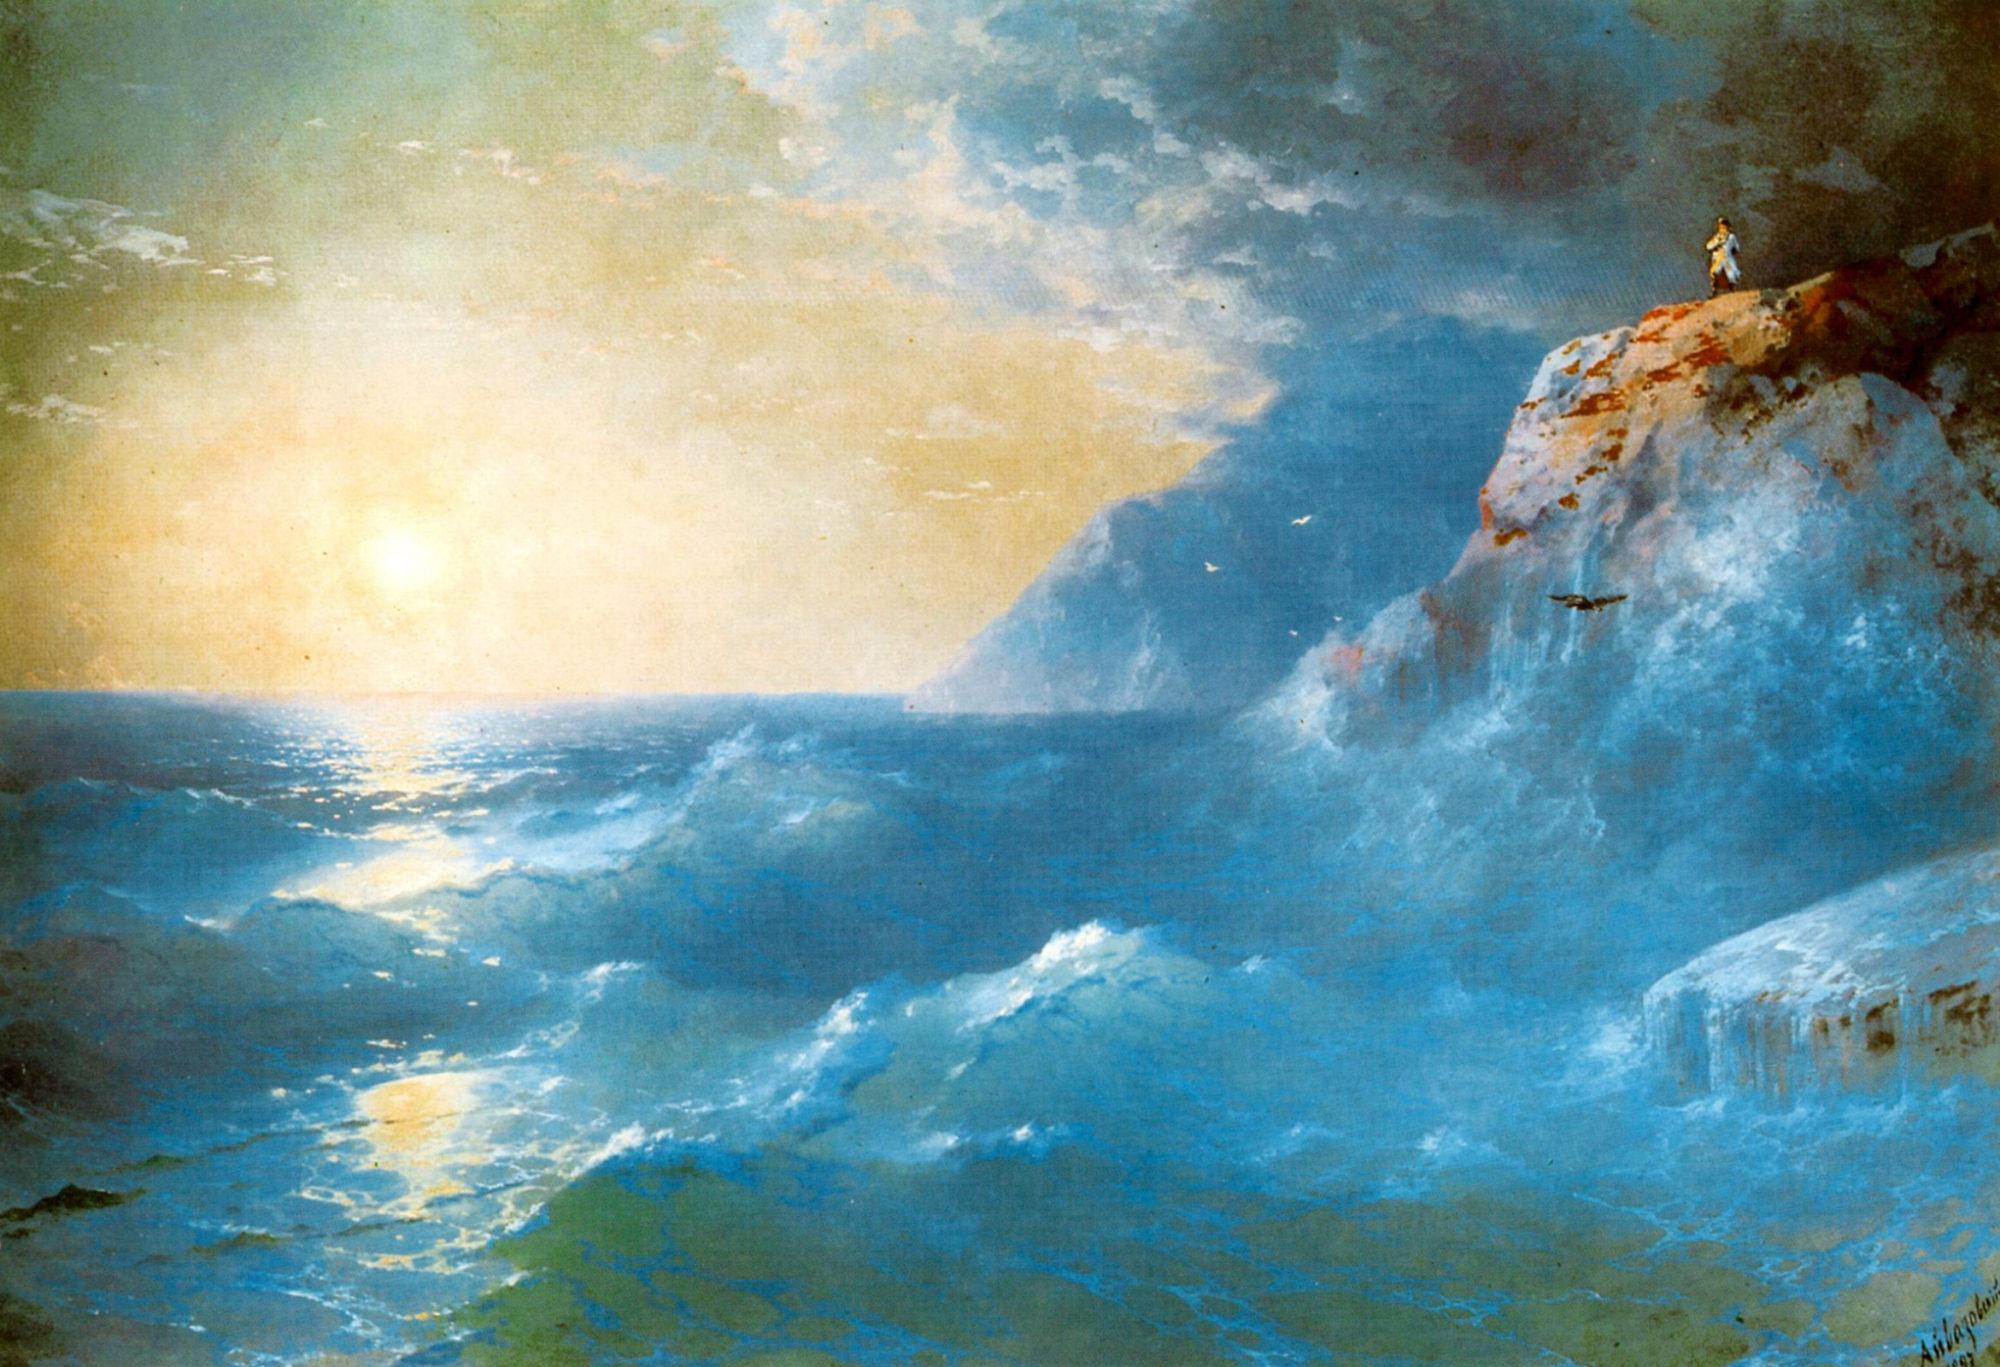 Иван Айвазовский, 1870 год, картина «Наполеон на острове Святой Елены».